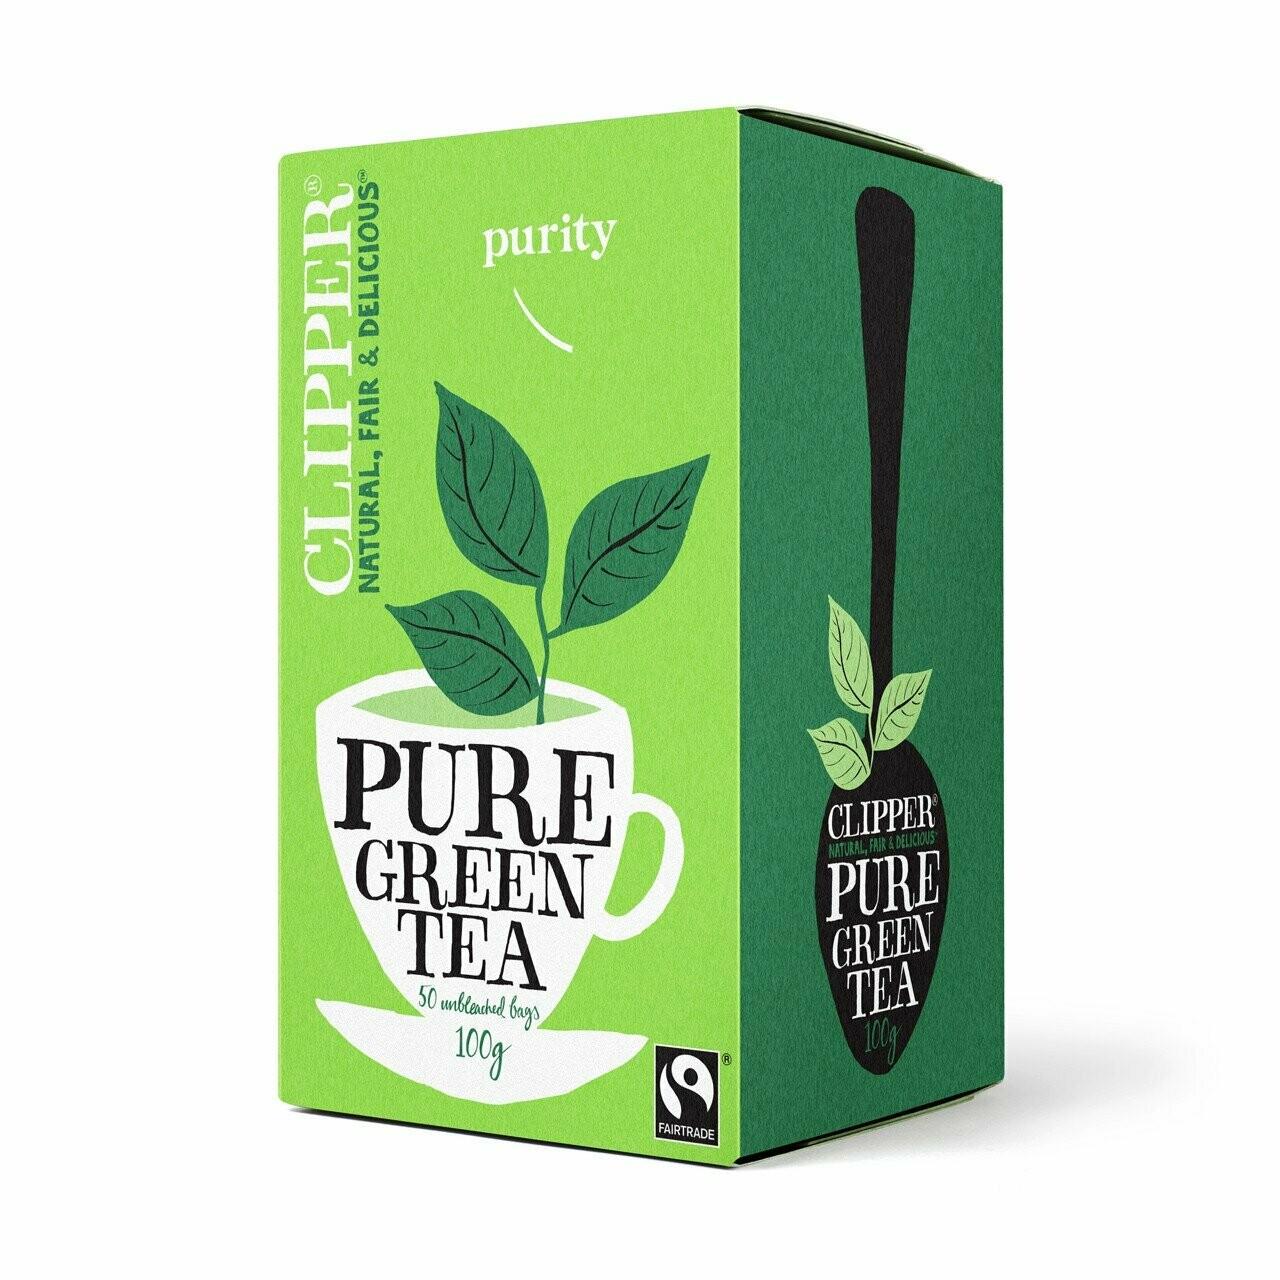 Clipper Pure Green Tea (50 Bags)